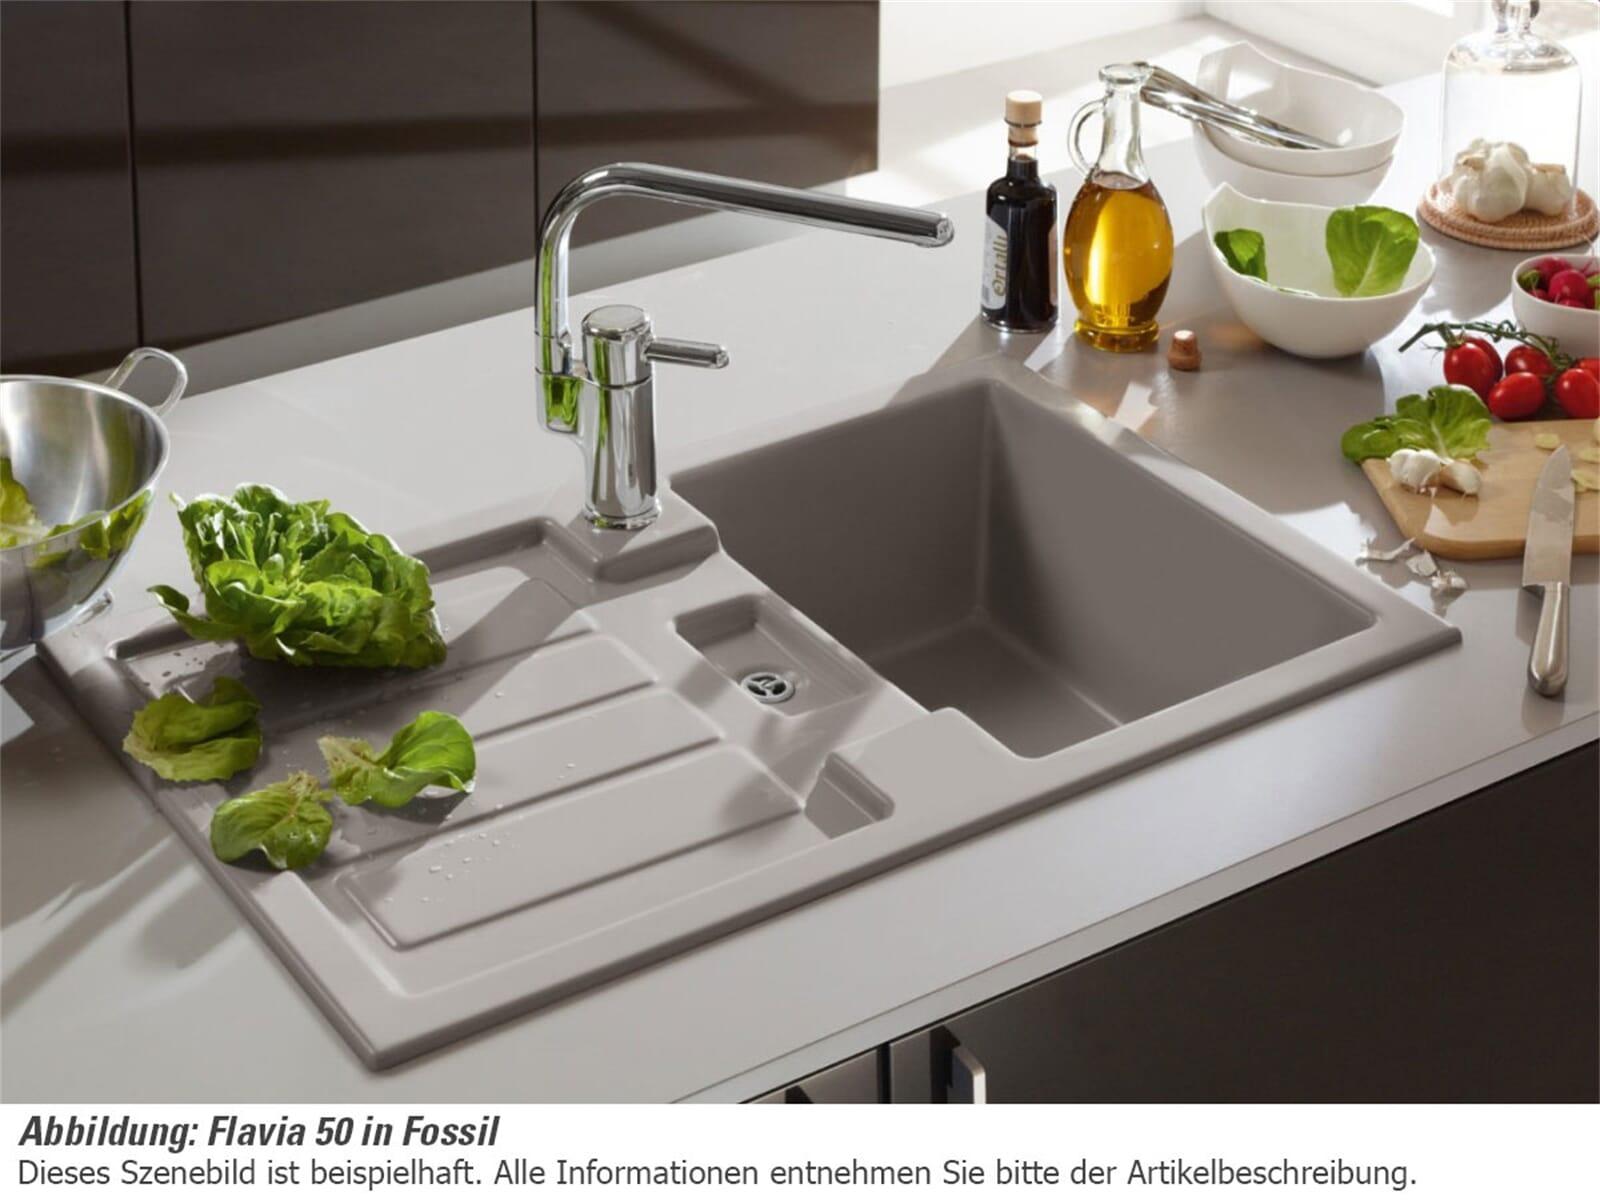 Villeroy & Boch Flavia 50 Ebony - 3305 01 S5 Keramikspüle ... | {Spülbecken keramik villeroy & boch 64}